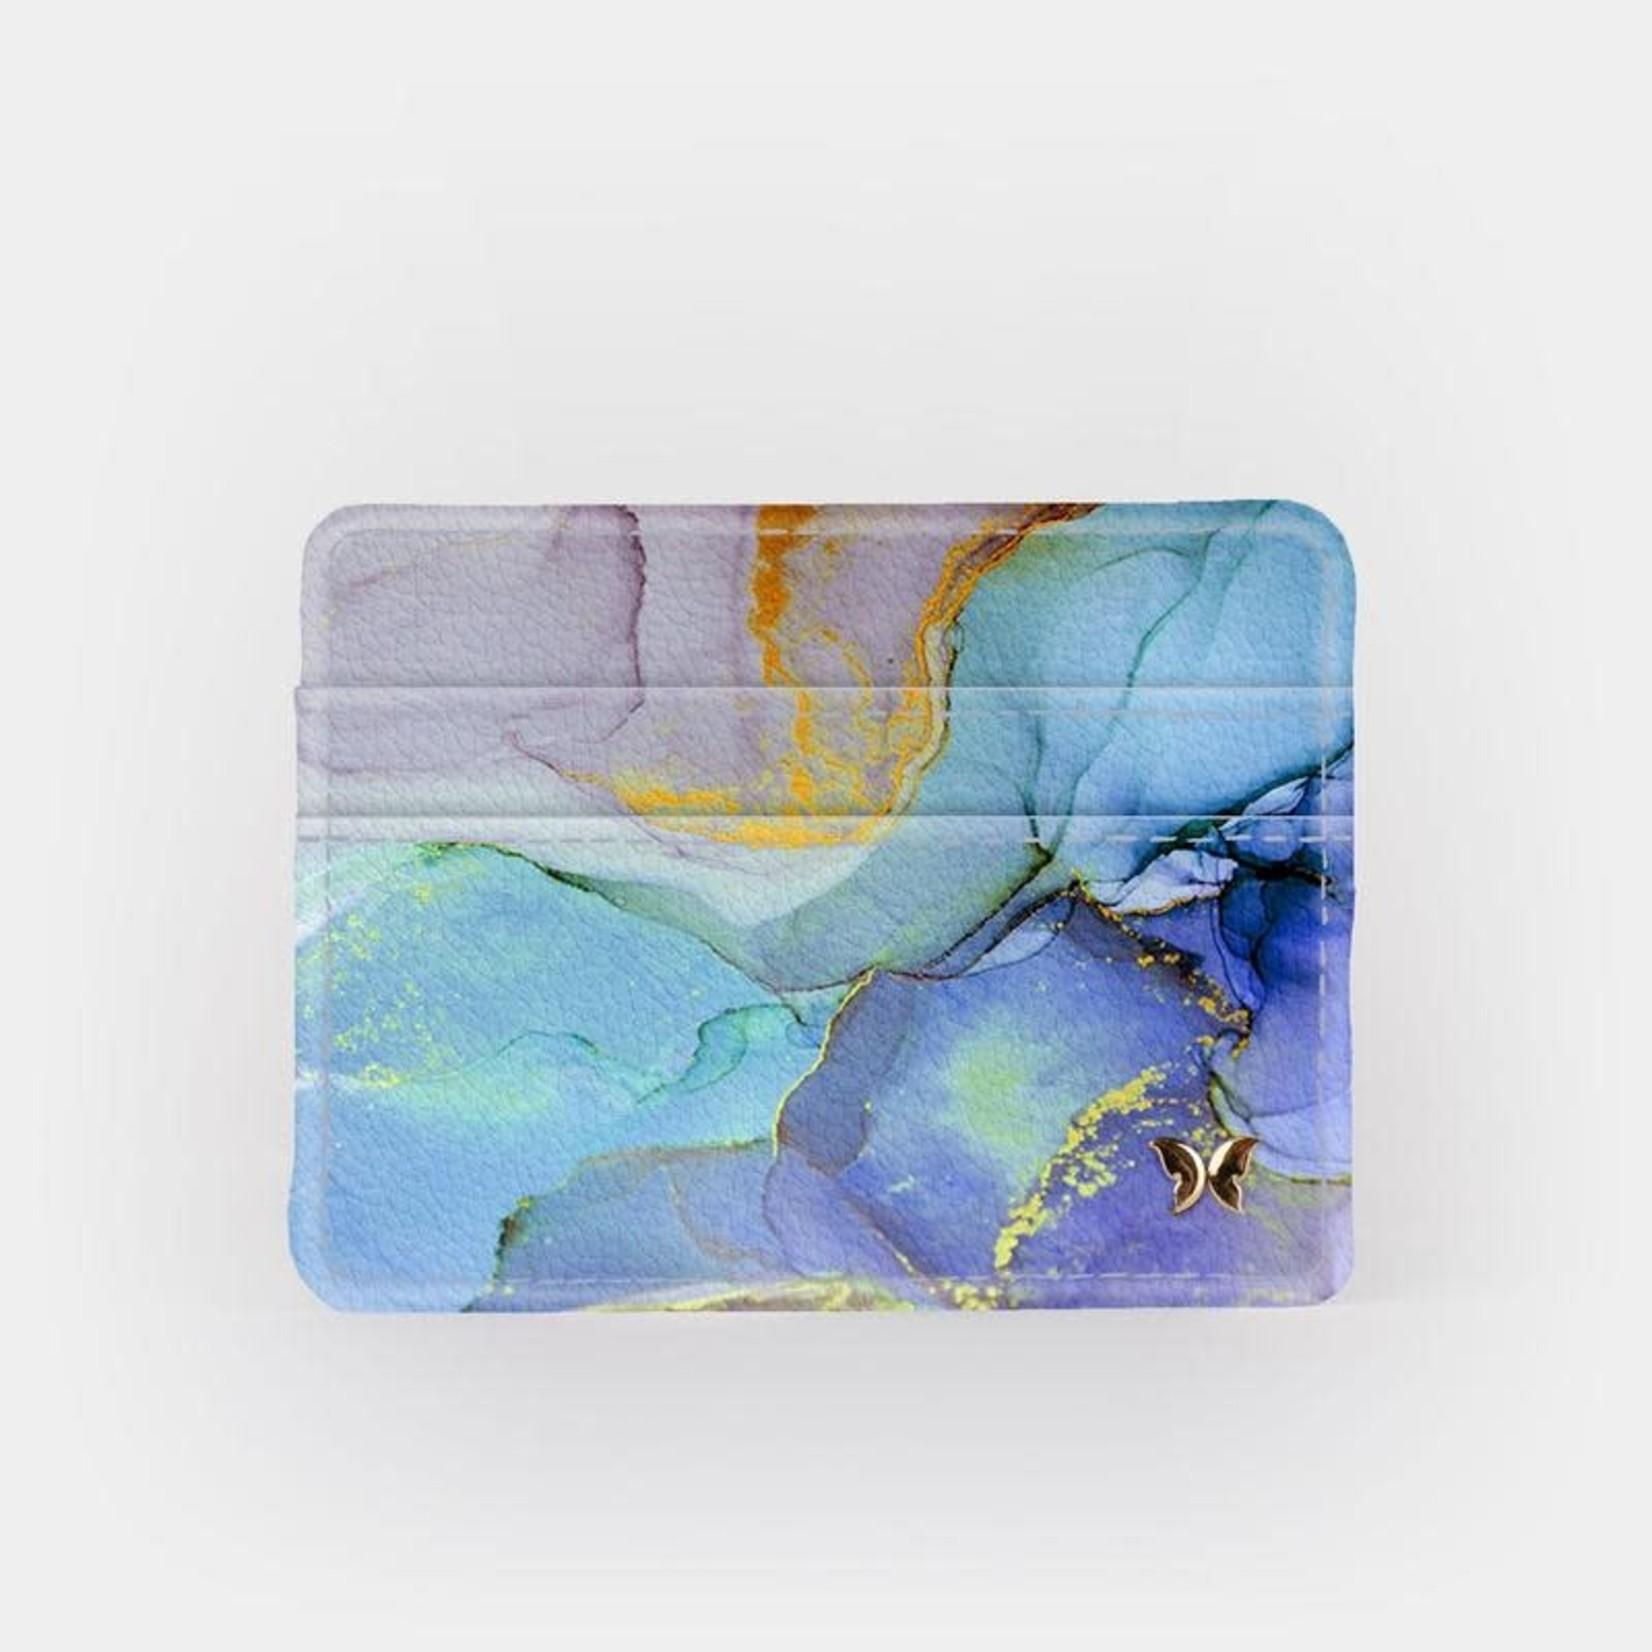 Monarque Slim Wallet - Blue Marble